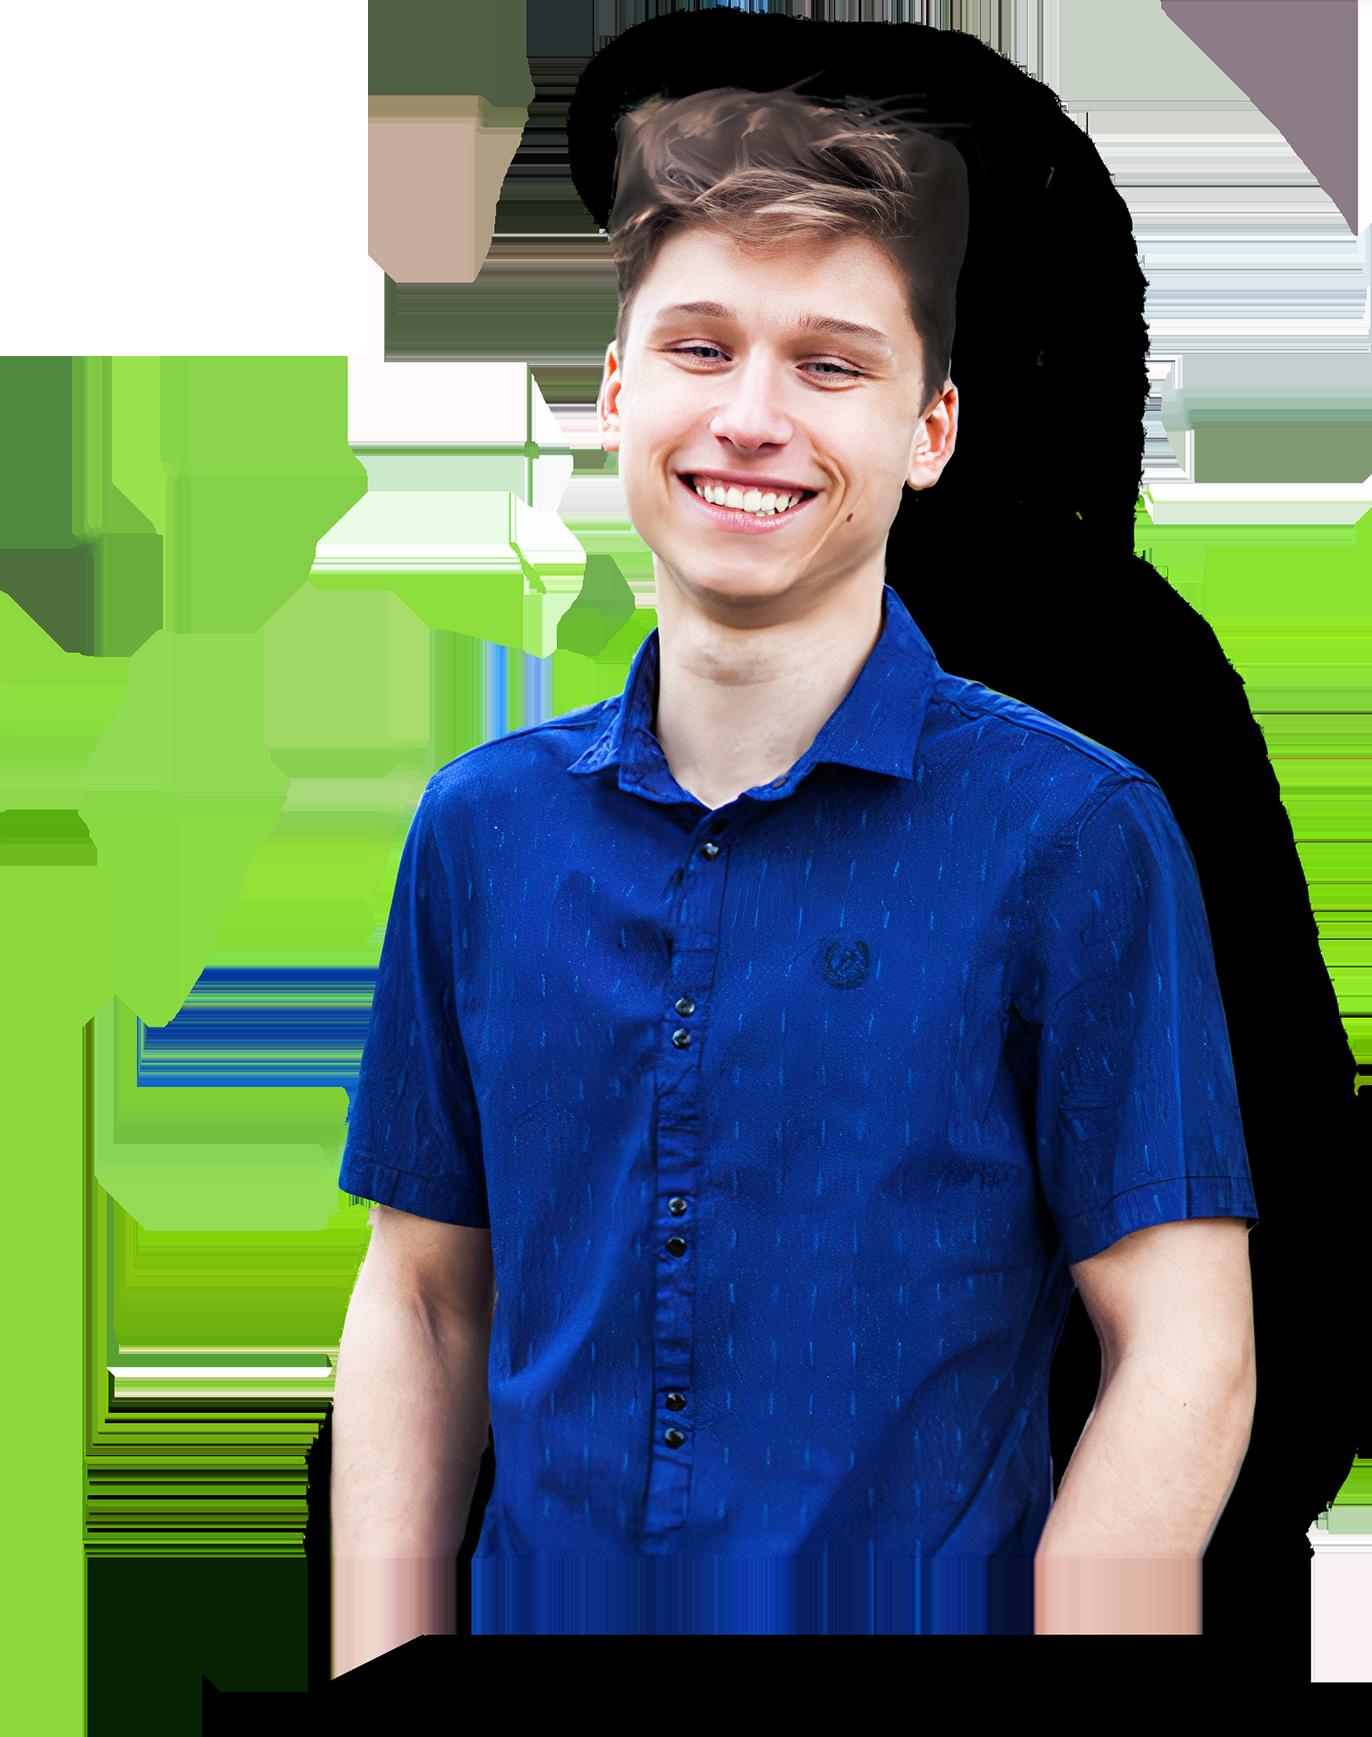 Зырянов Эдуард Сергеевич основатель маркетингового агентства Zyryanoff Agency